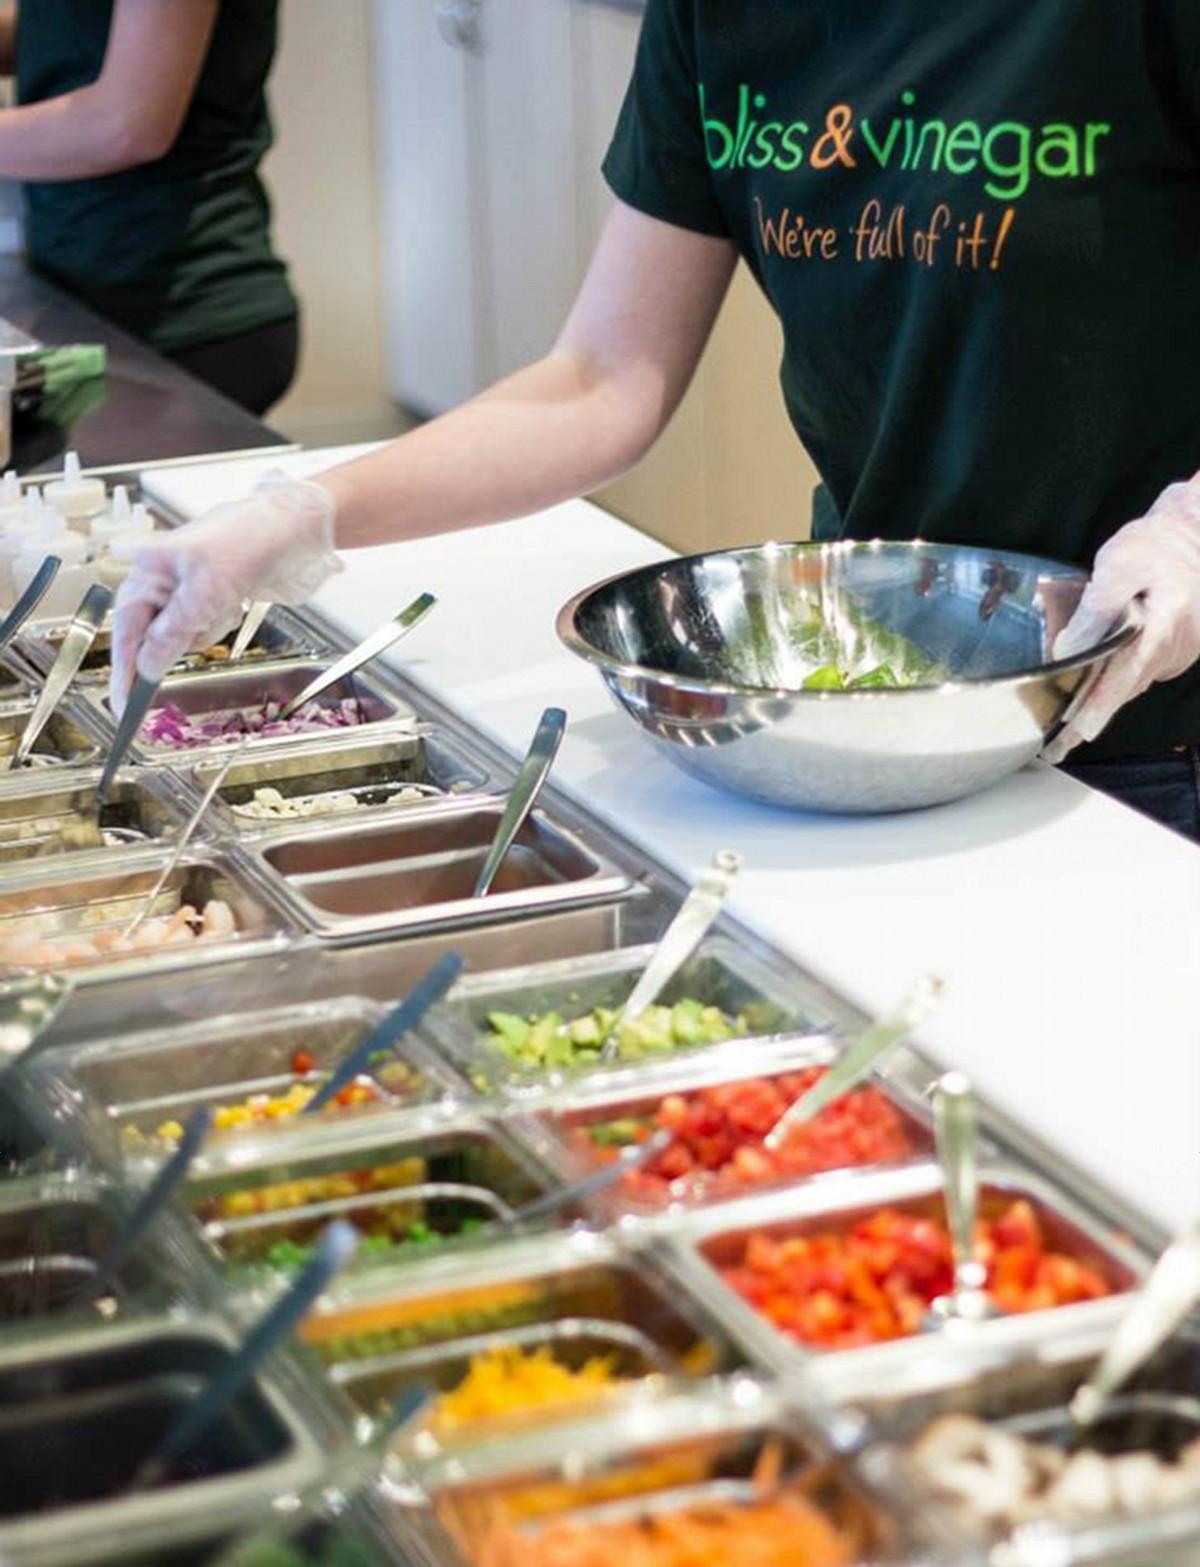 Bliss & Vinegar salad ingredients worker